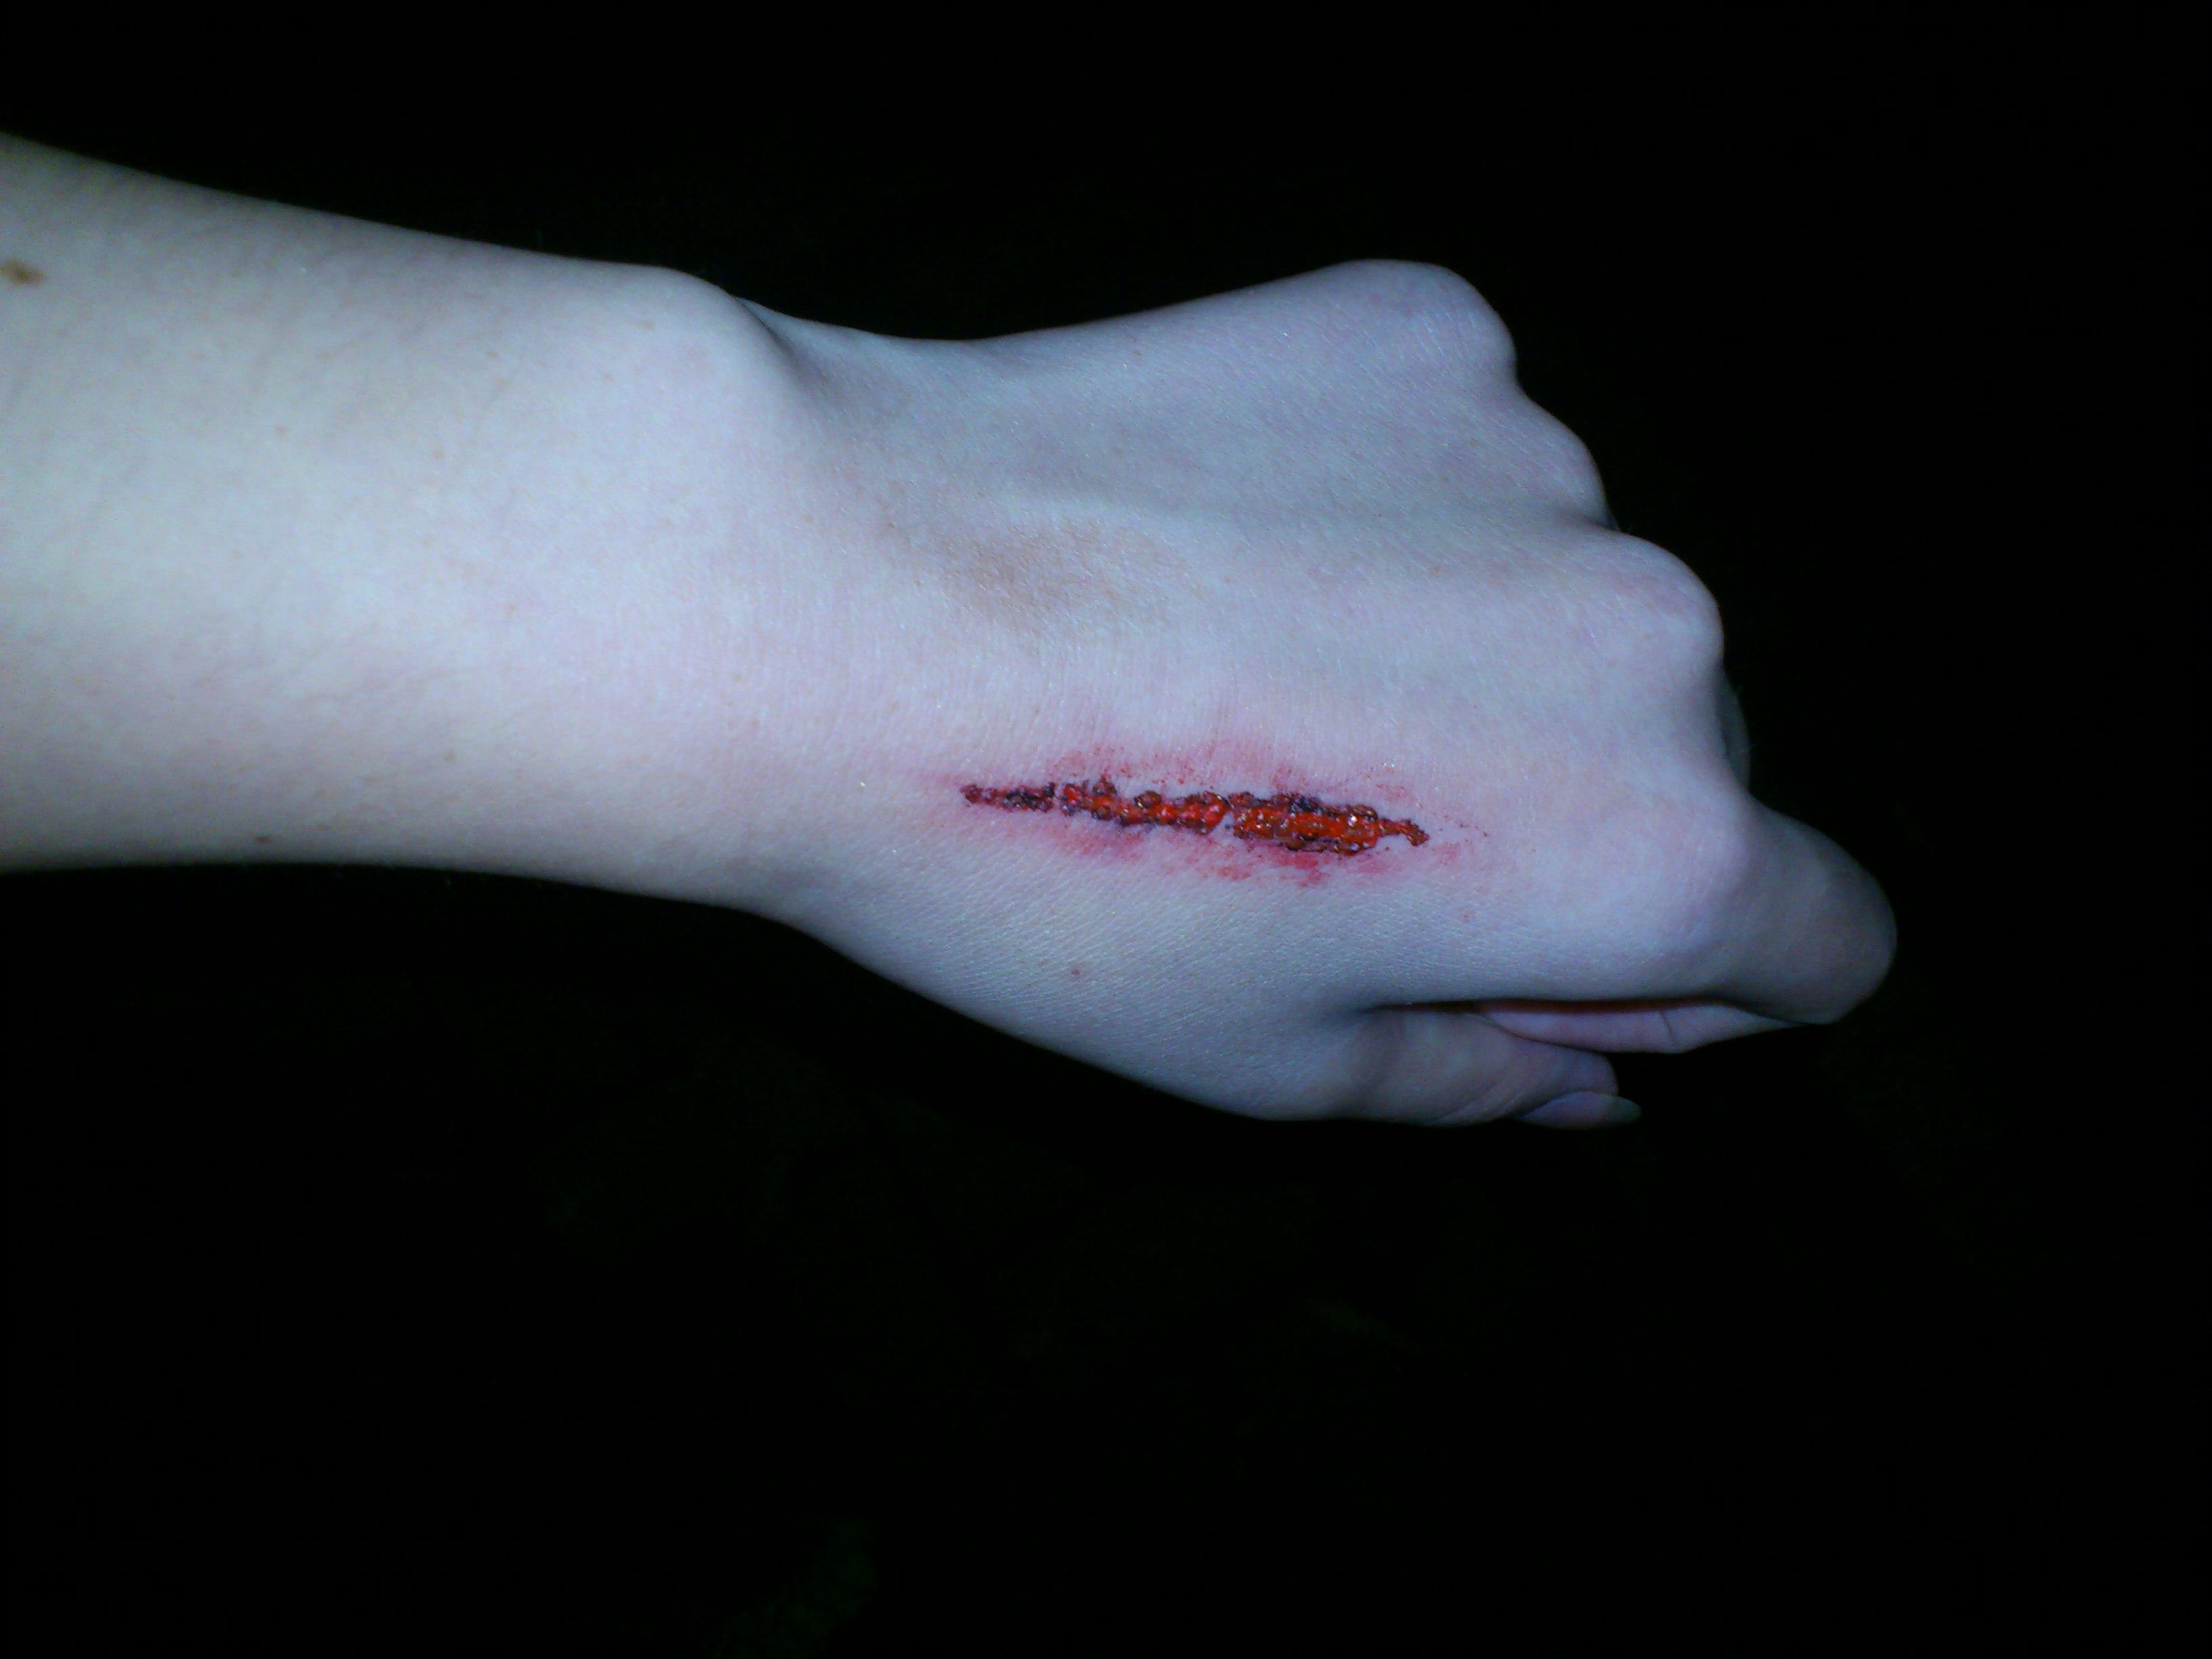 手受伤了很严重求安